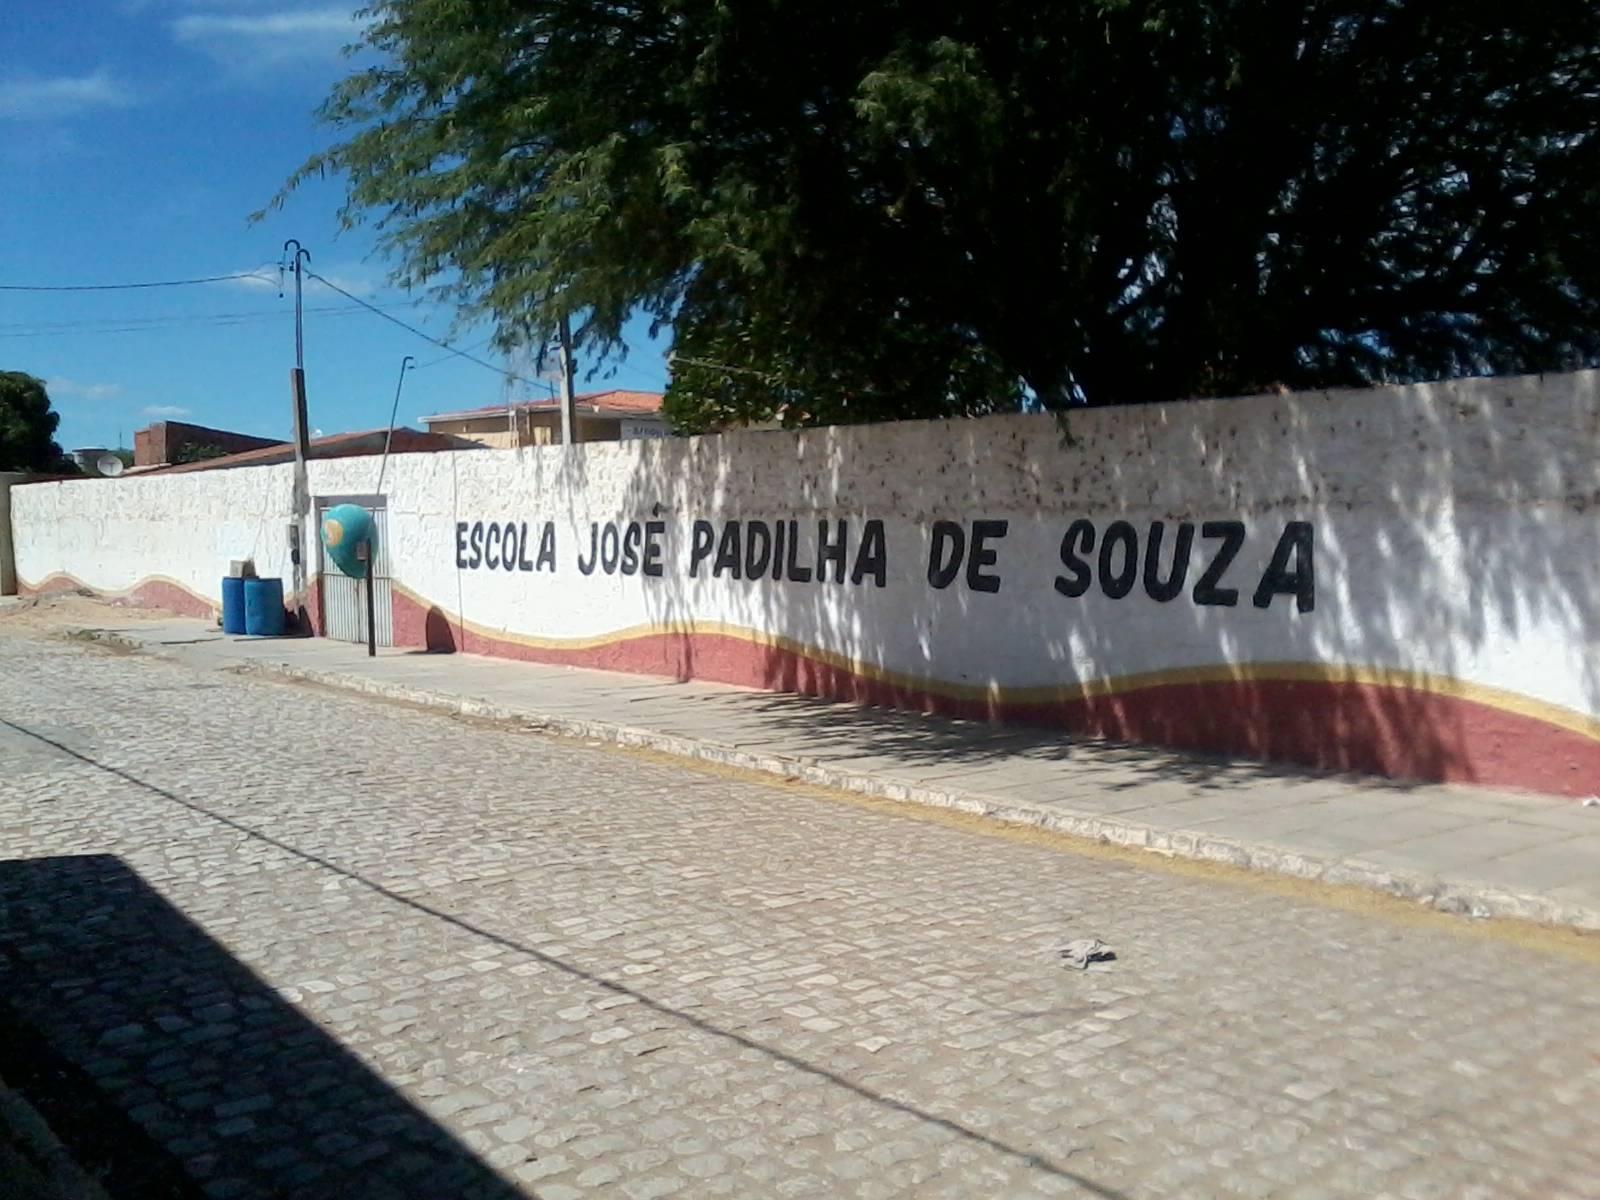 Escola José Padilha